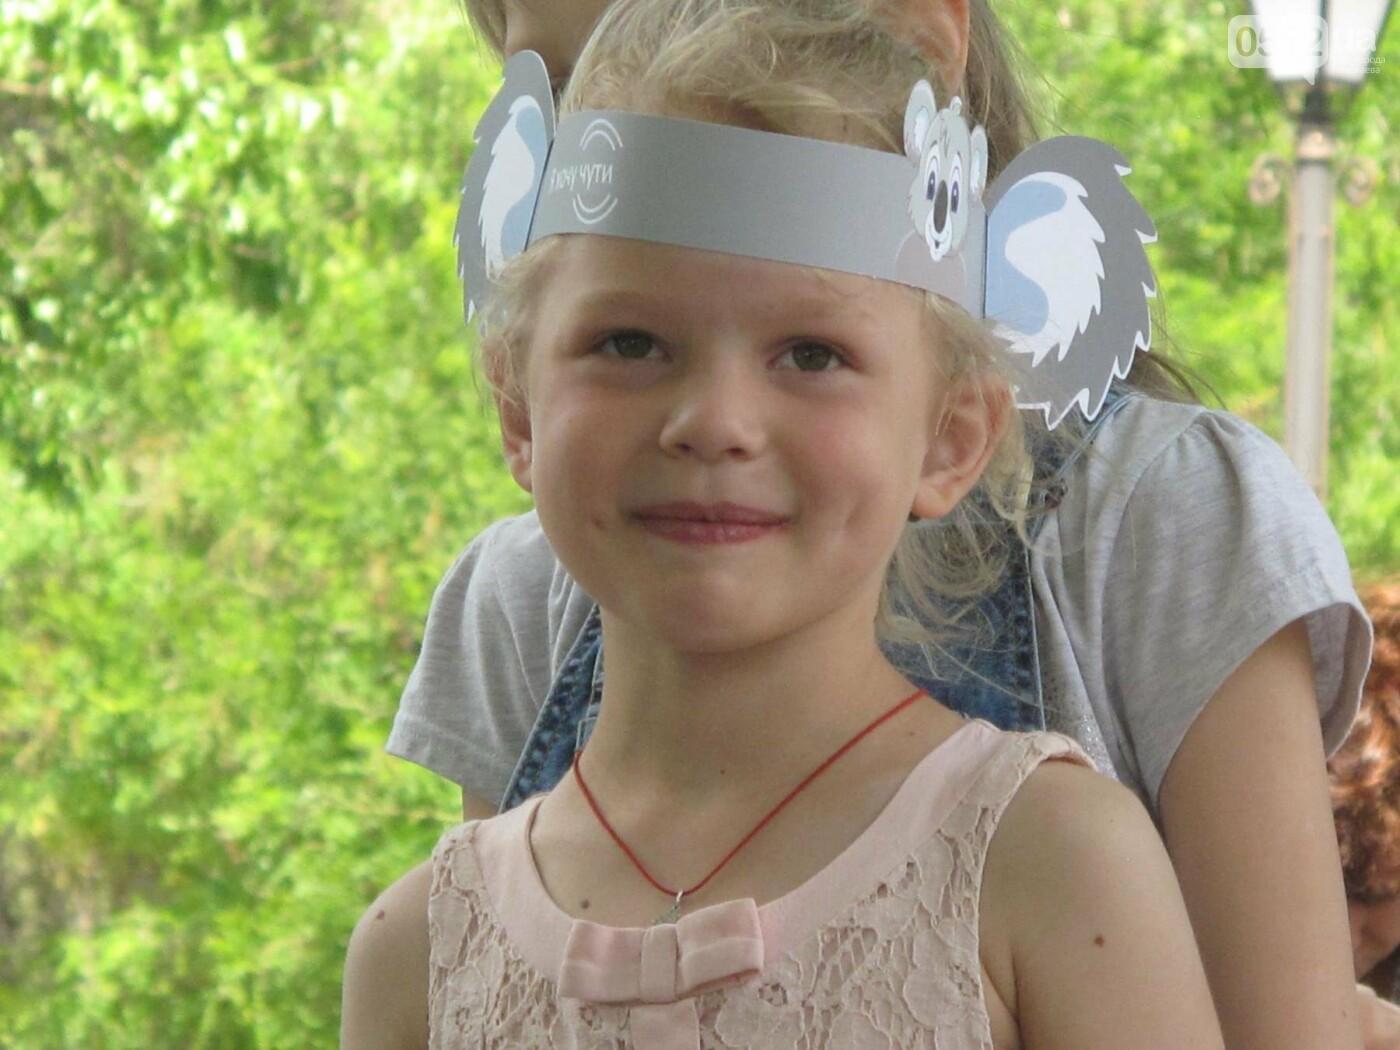 В Сердце города организовали развлекательную программу для детей с нарушением слуха., фото-3